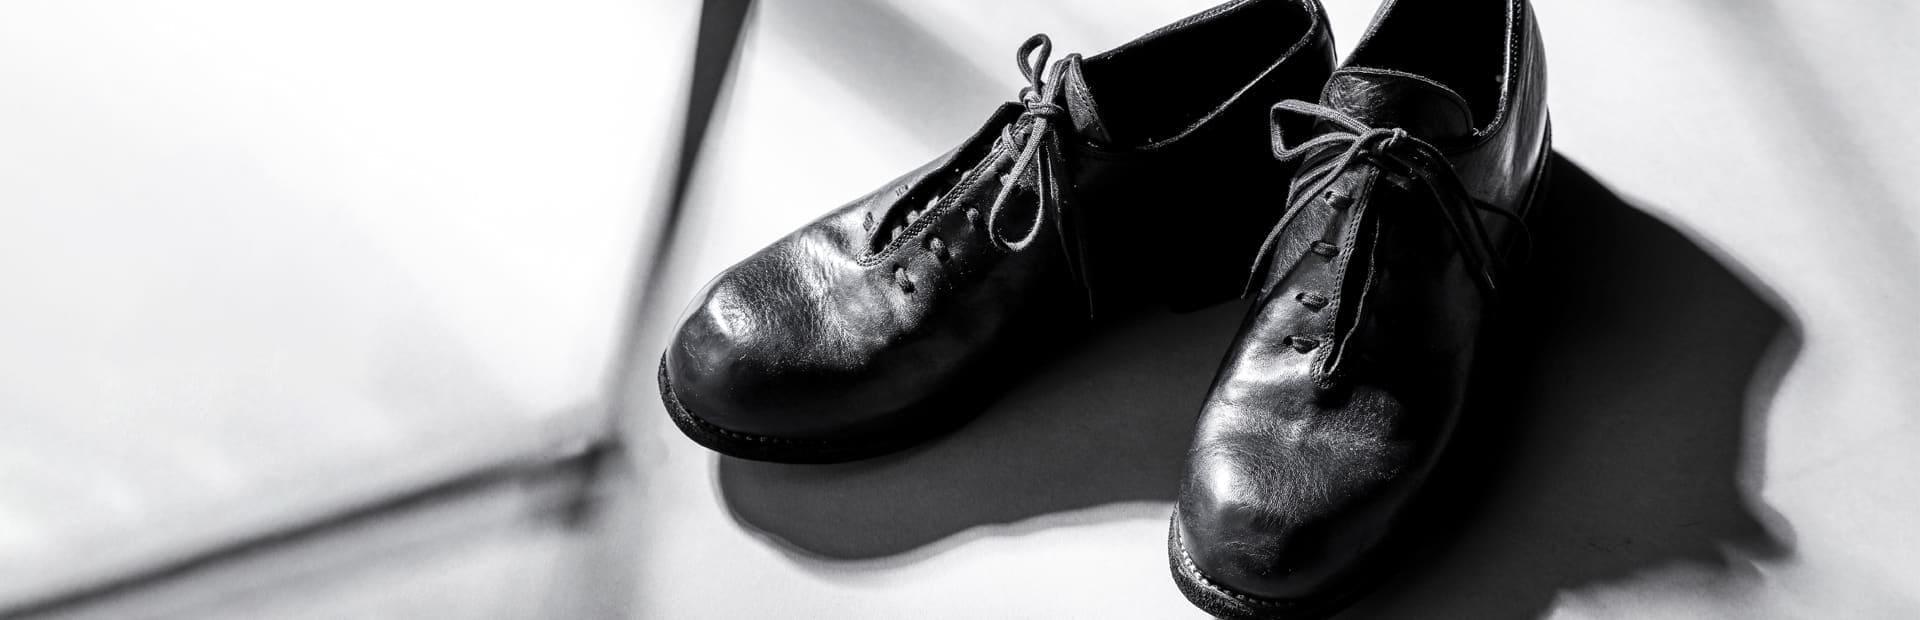 GUIDI 靴 作品一覧